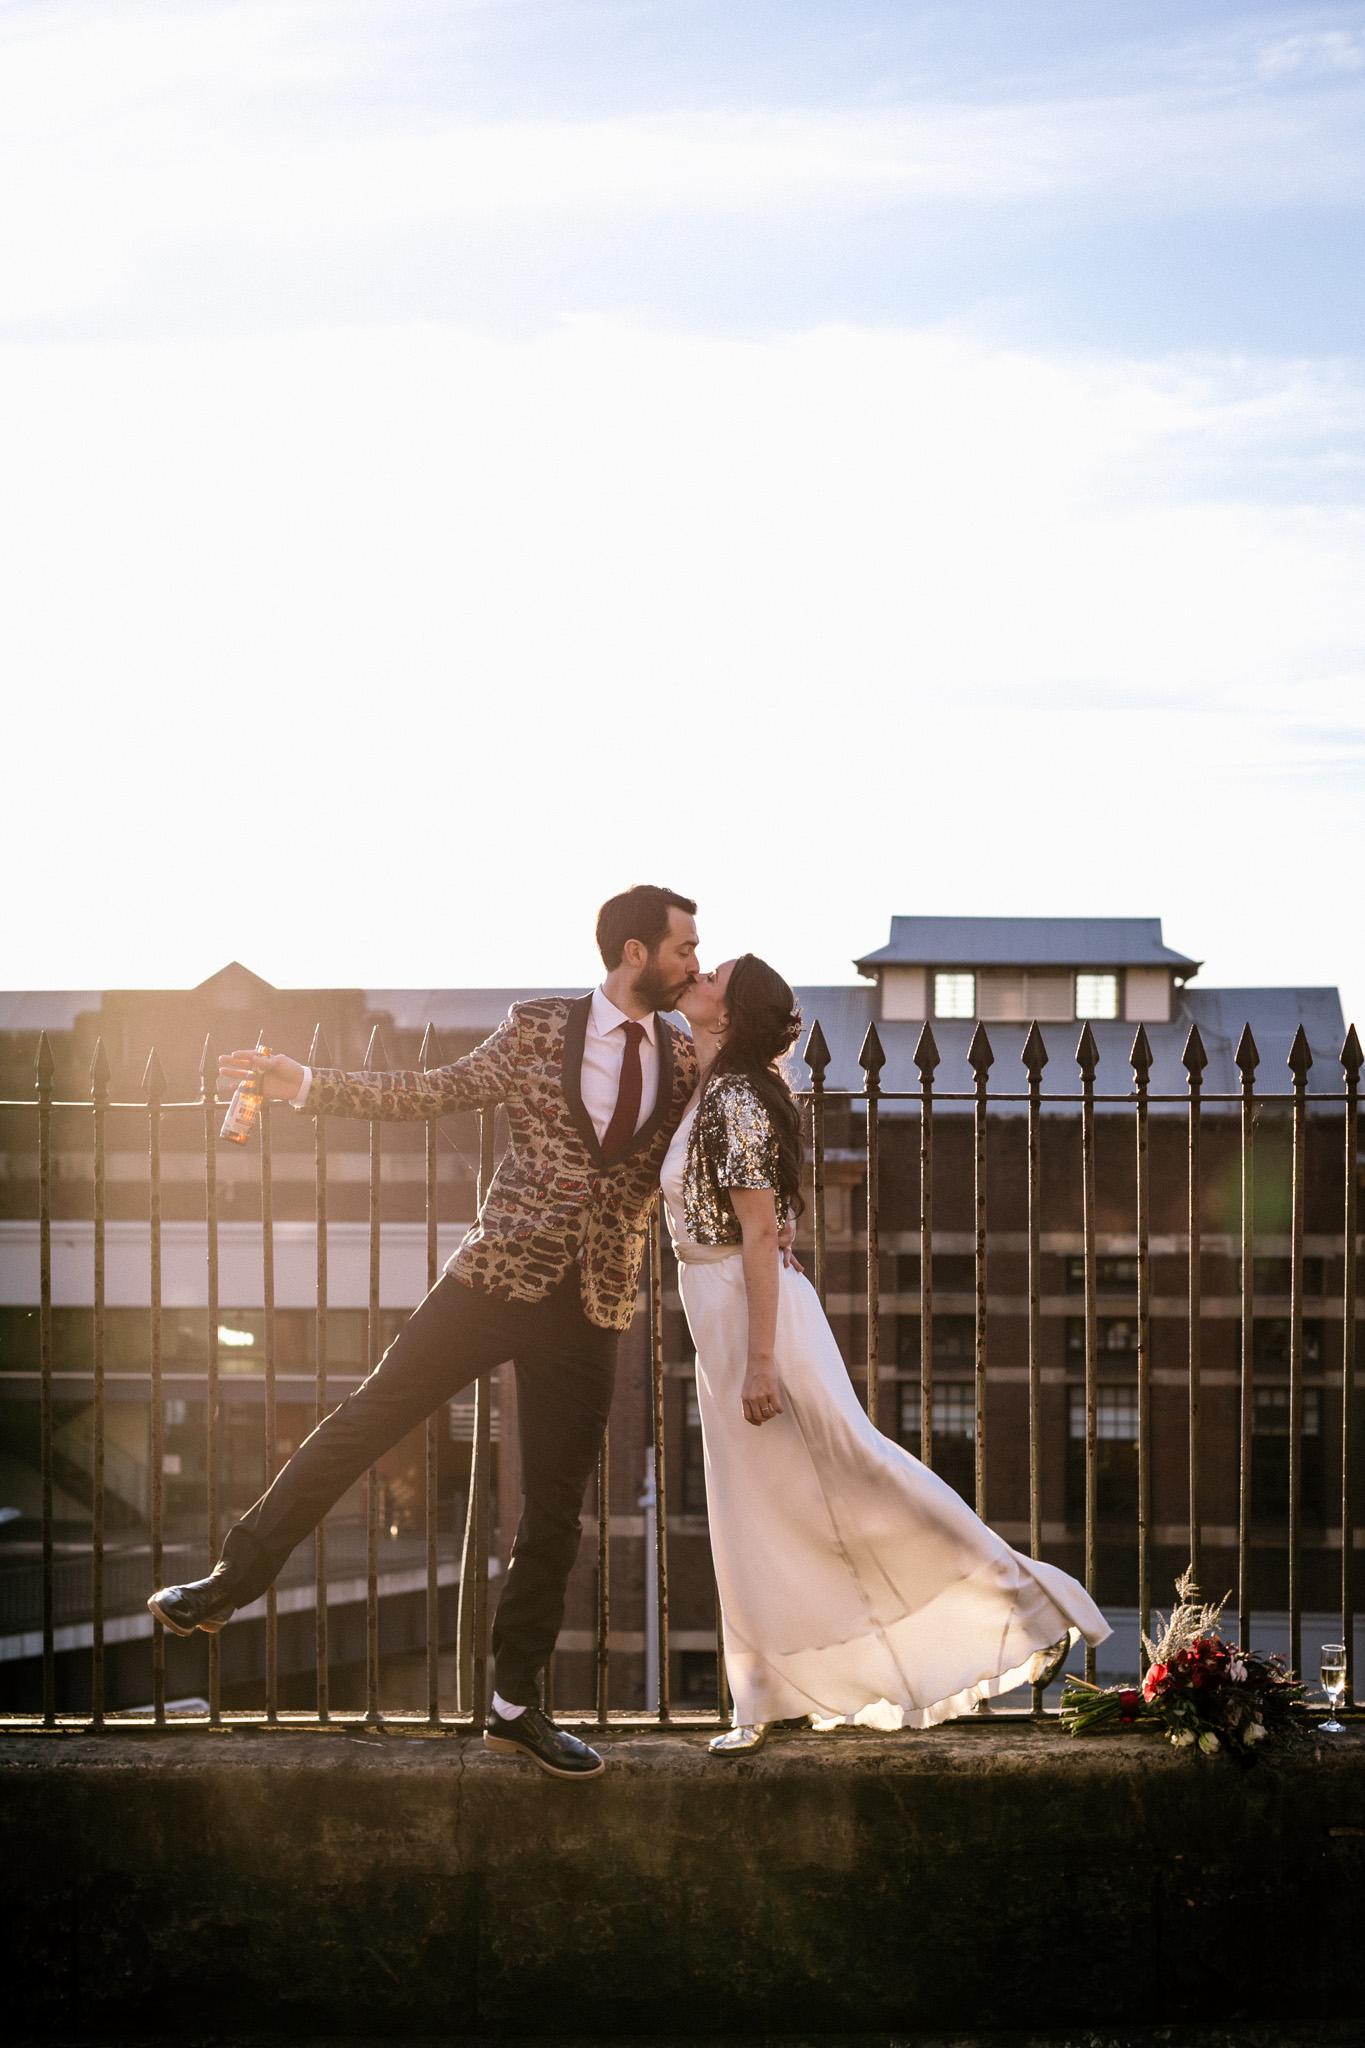 Nick&Ness_2017_credit_OneDaySomewherePhotographyuntitled-2169.jpg